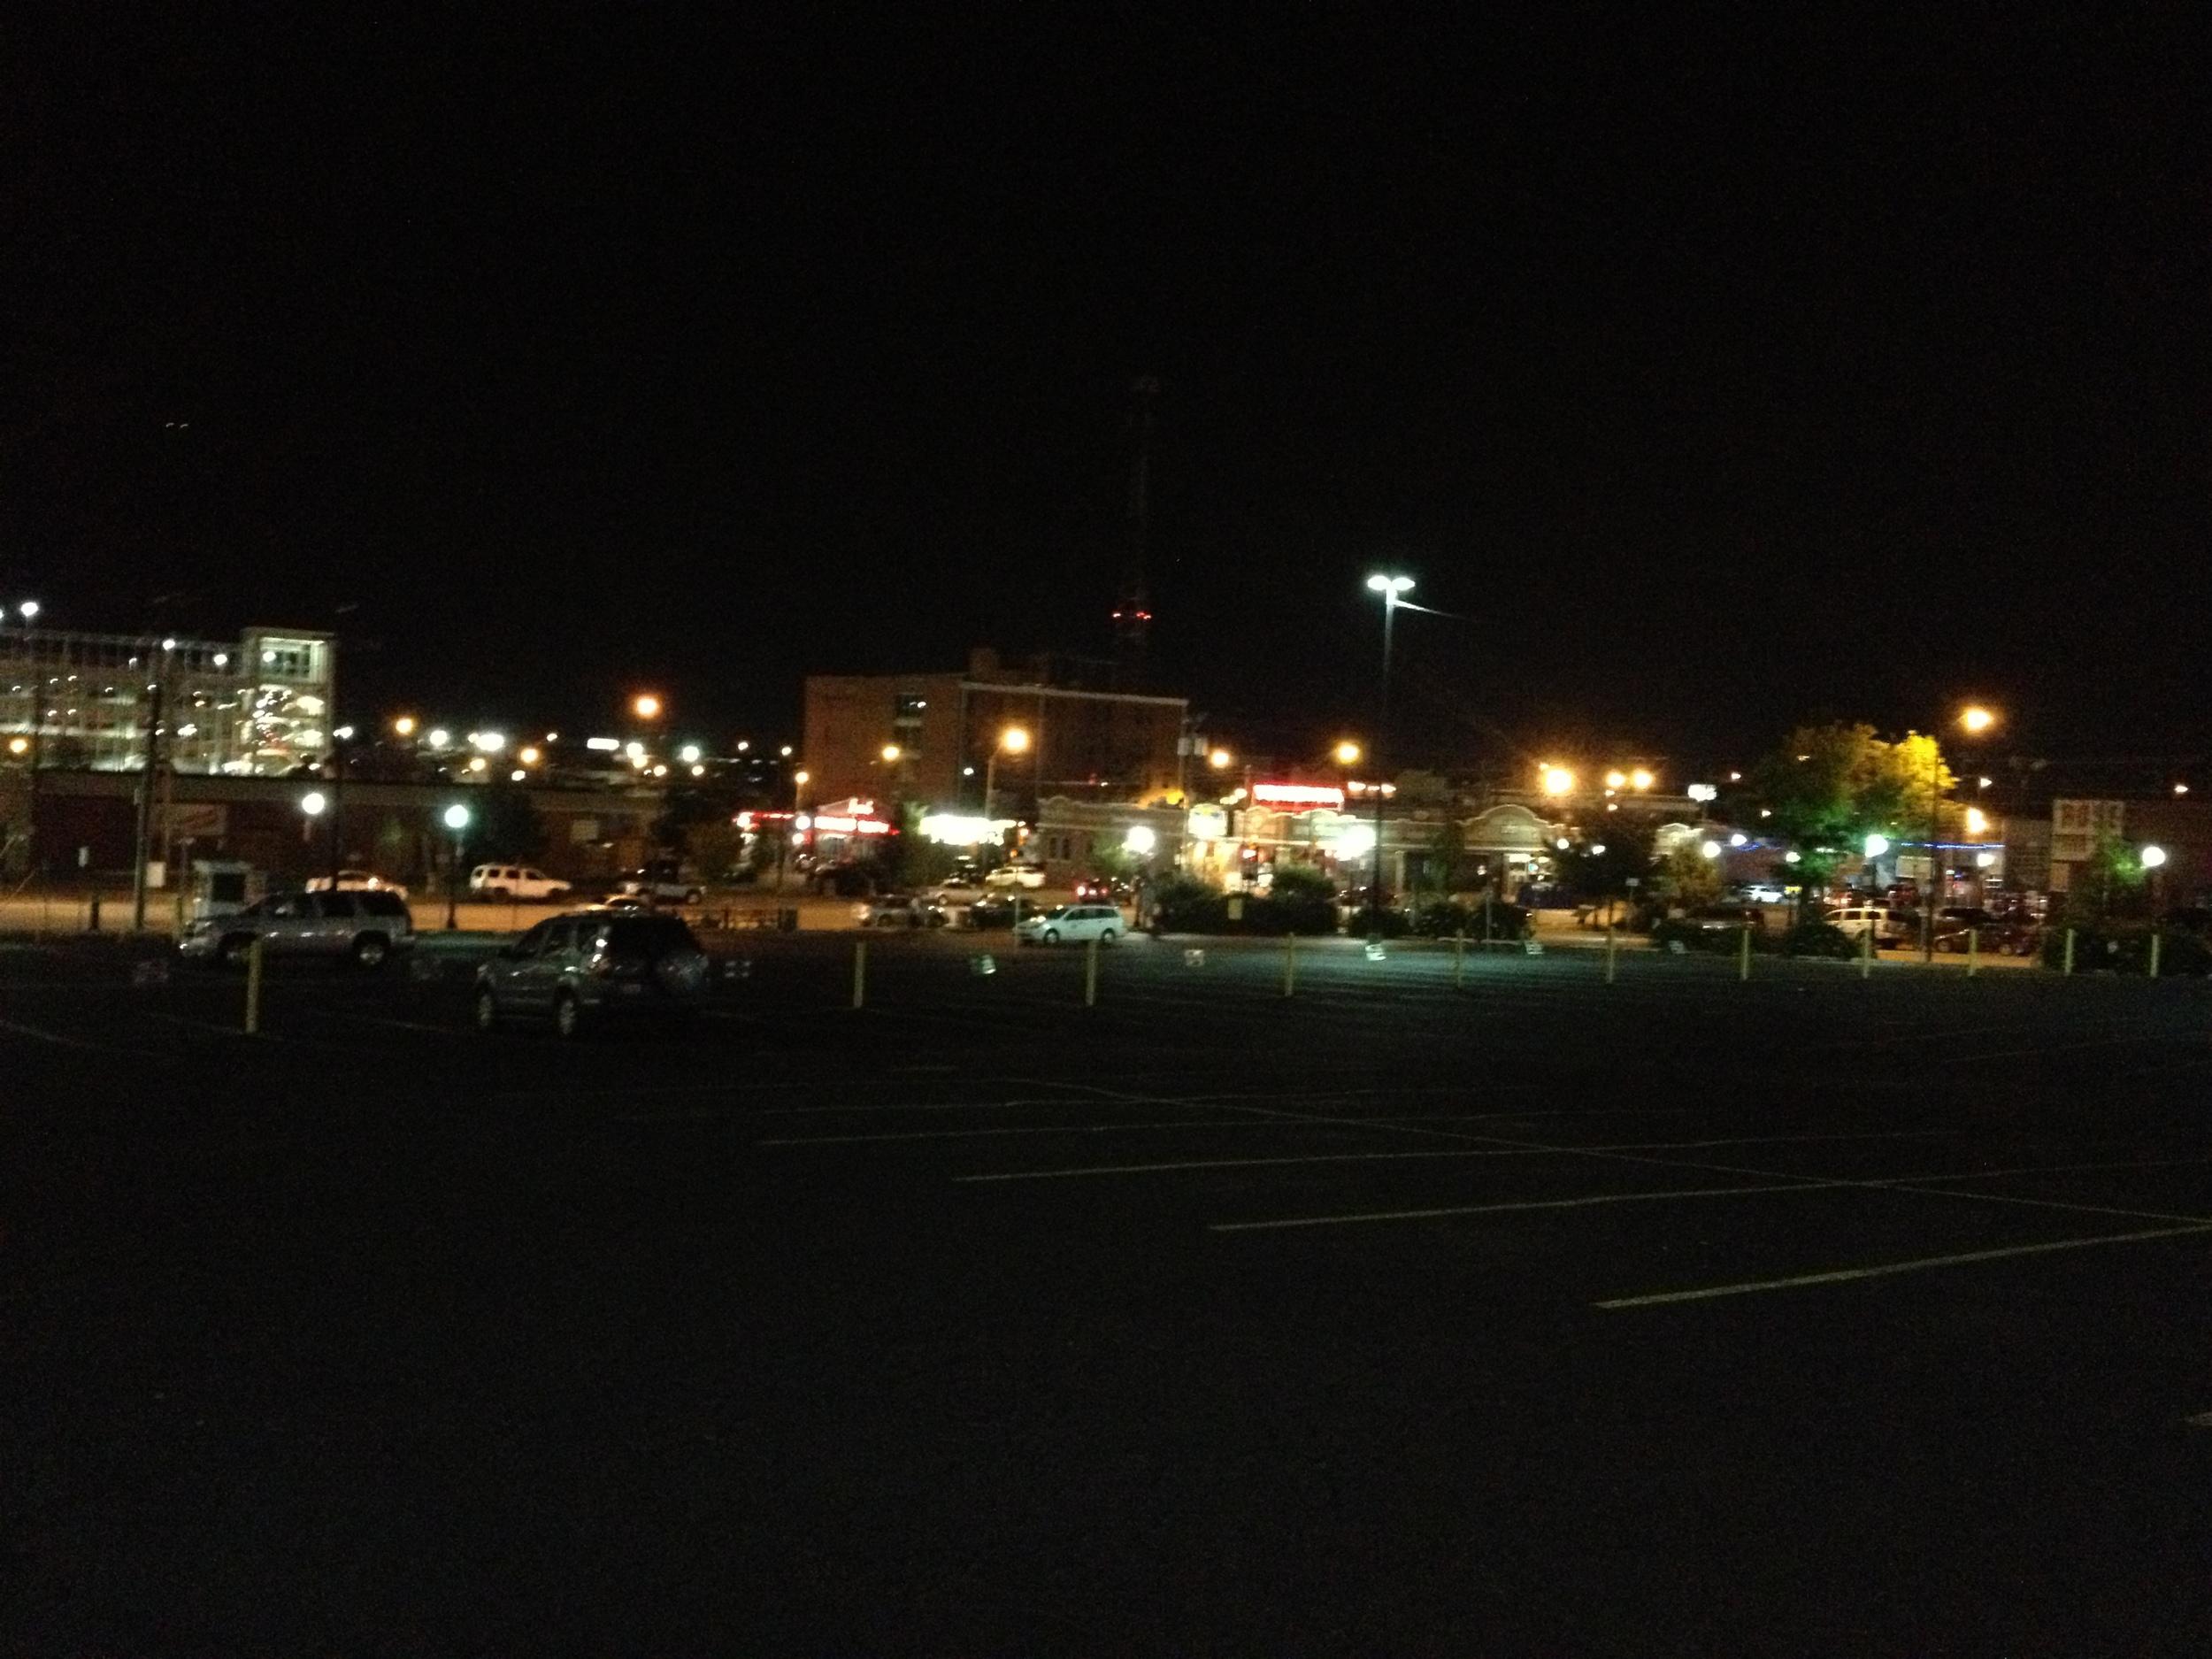 Tulsa night scene